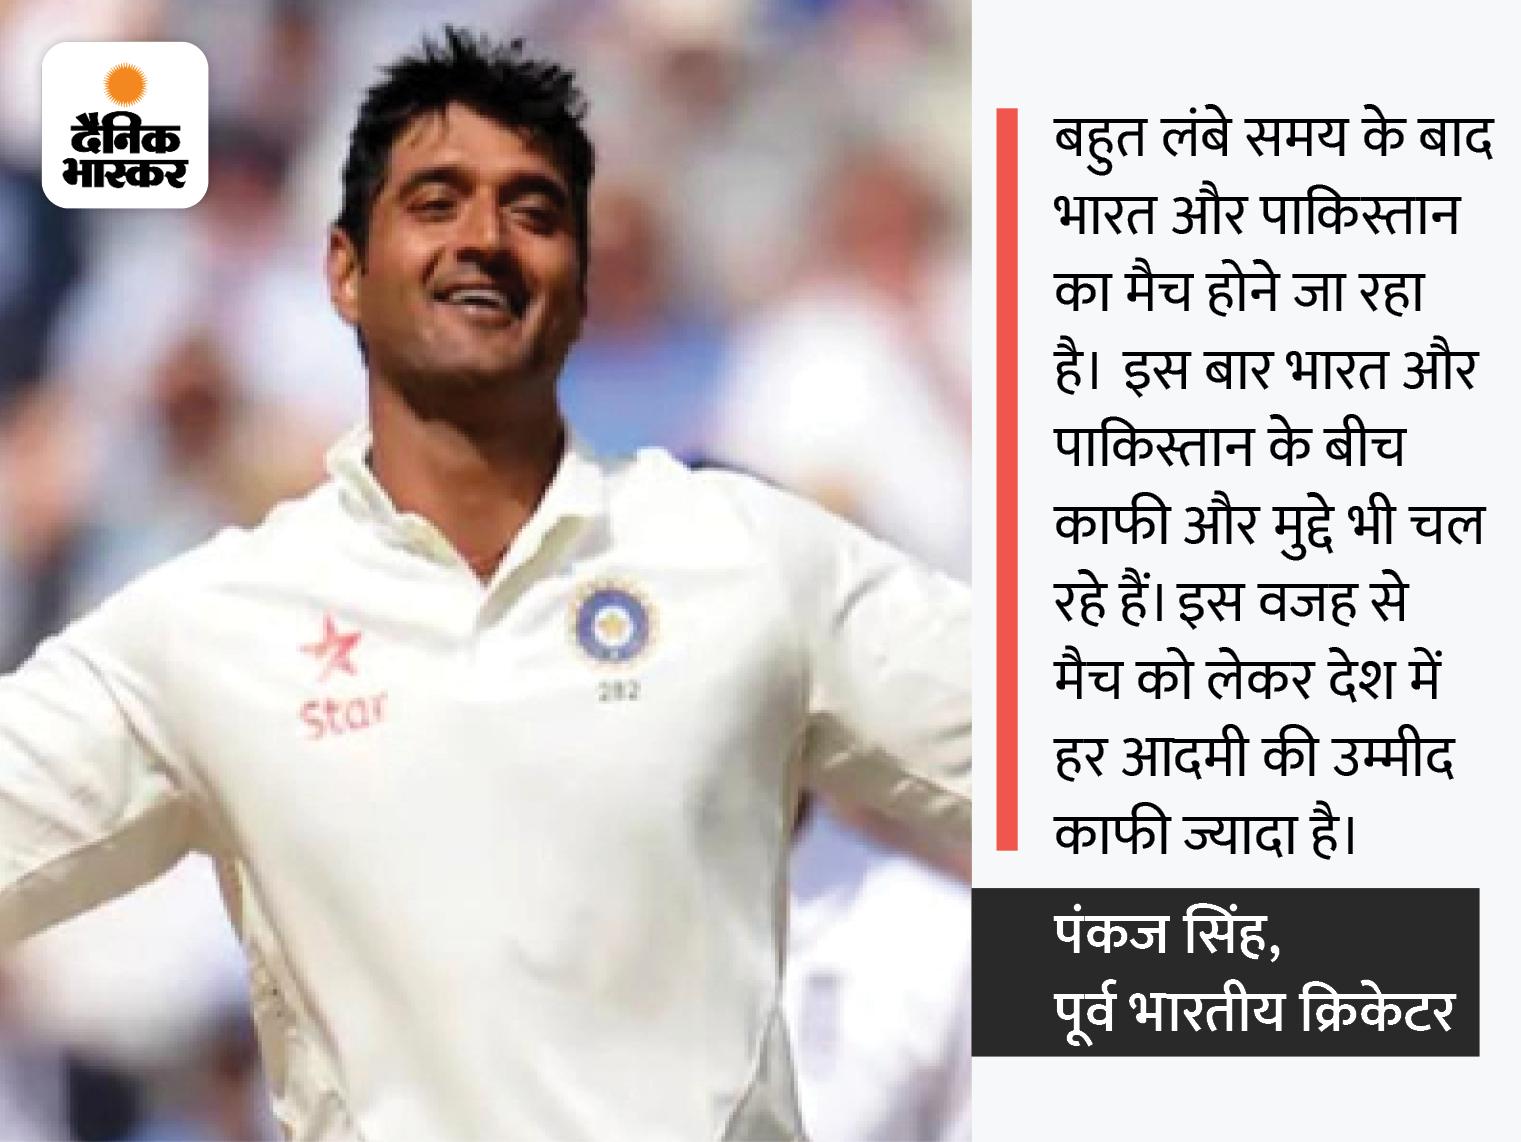 पूर्व भारतीय खिलाड़ी पंकज सिंह बोले- टी-20 वर्ल्ड कप में टीम इंडिया सबसे बेहतर|जयपुर,Jaipur - Dainik Bhaskar